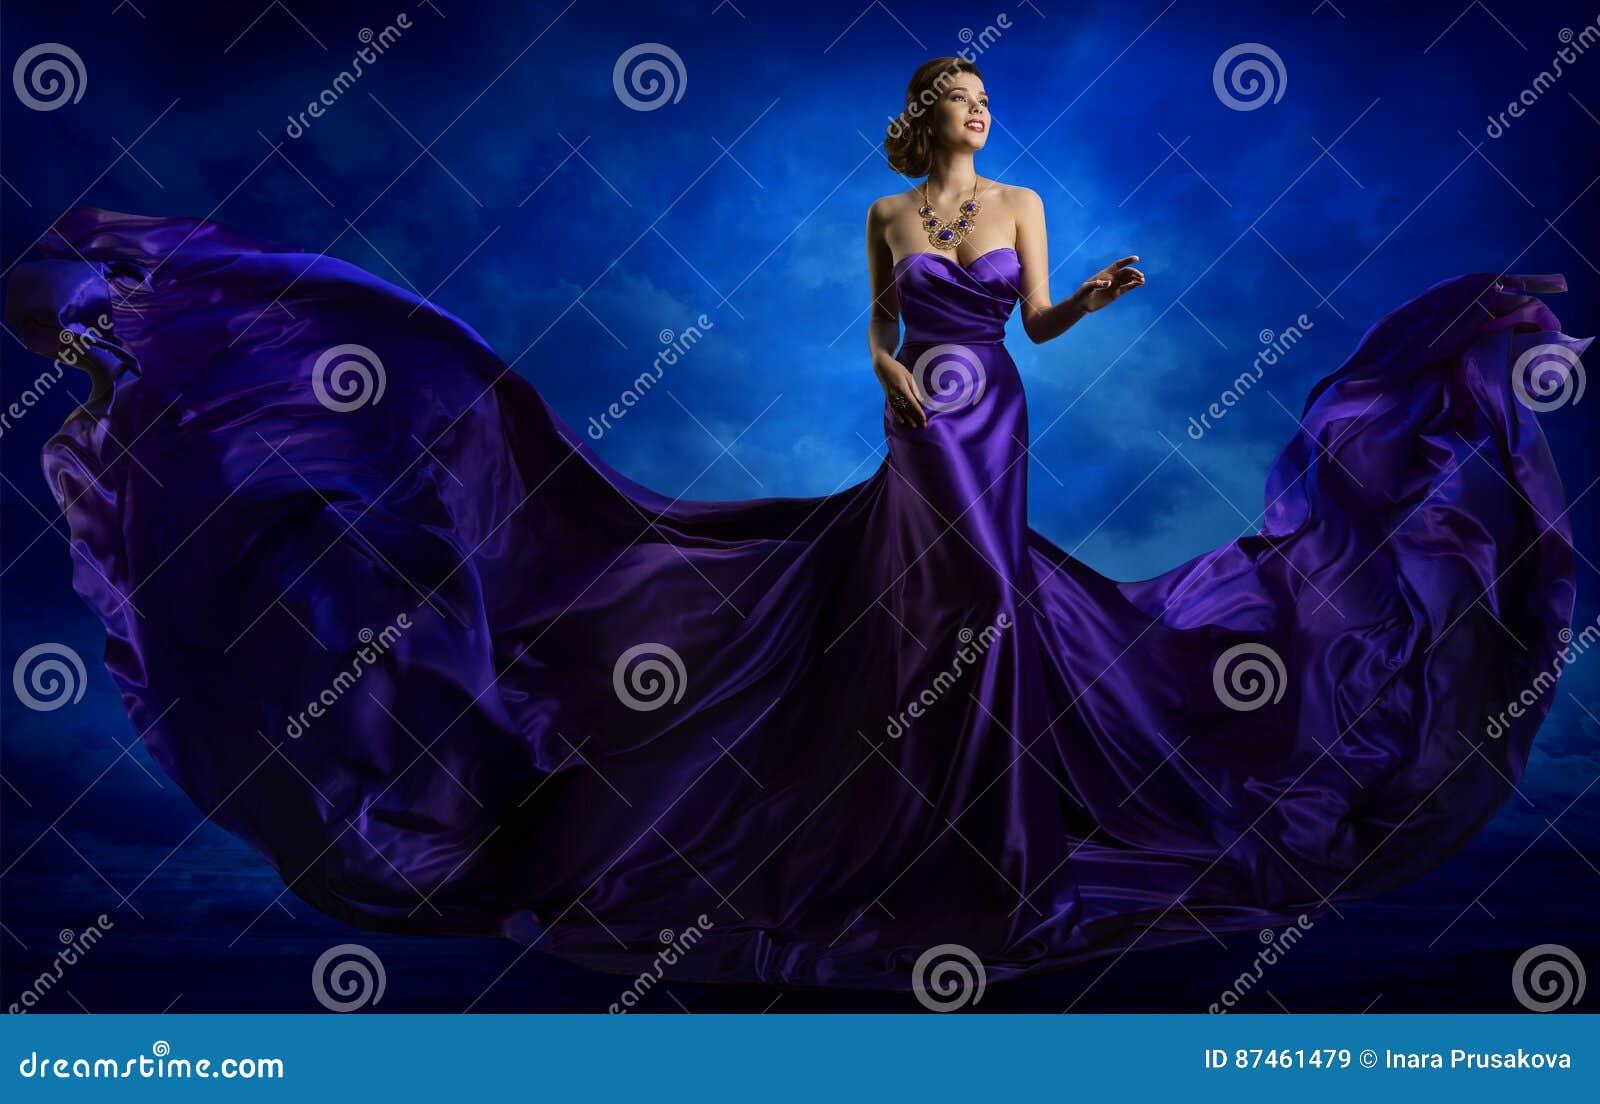 妇女时尚礼服,蓝色艺术褂子飞行挥动的丝织物